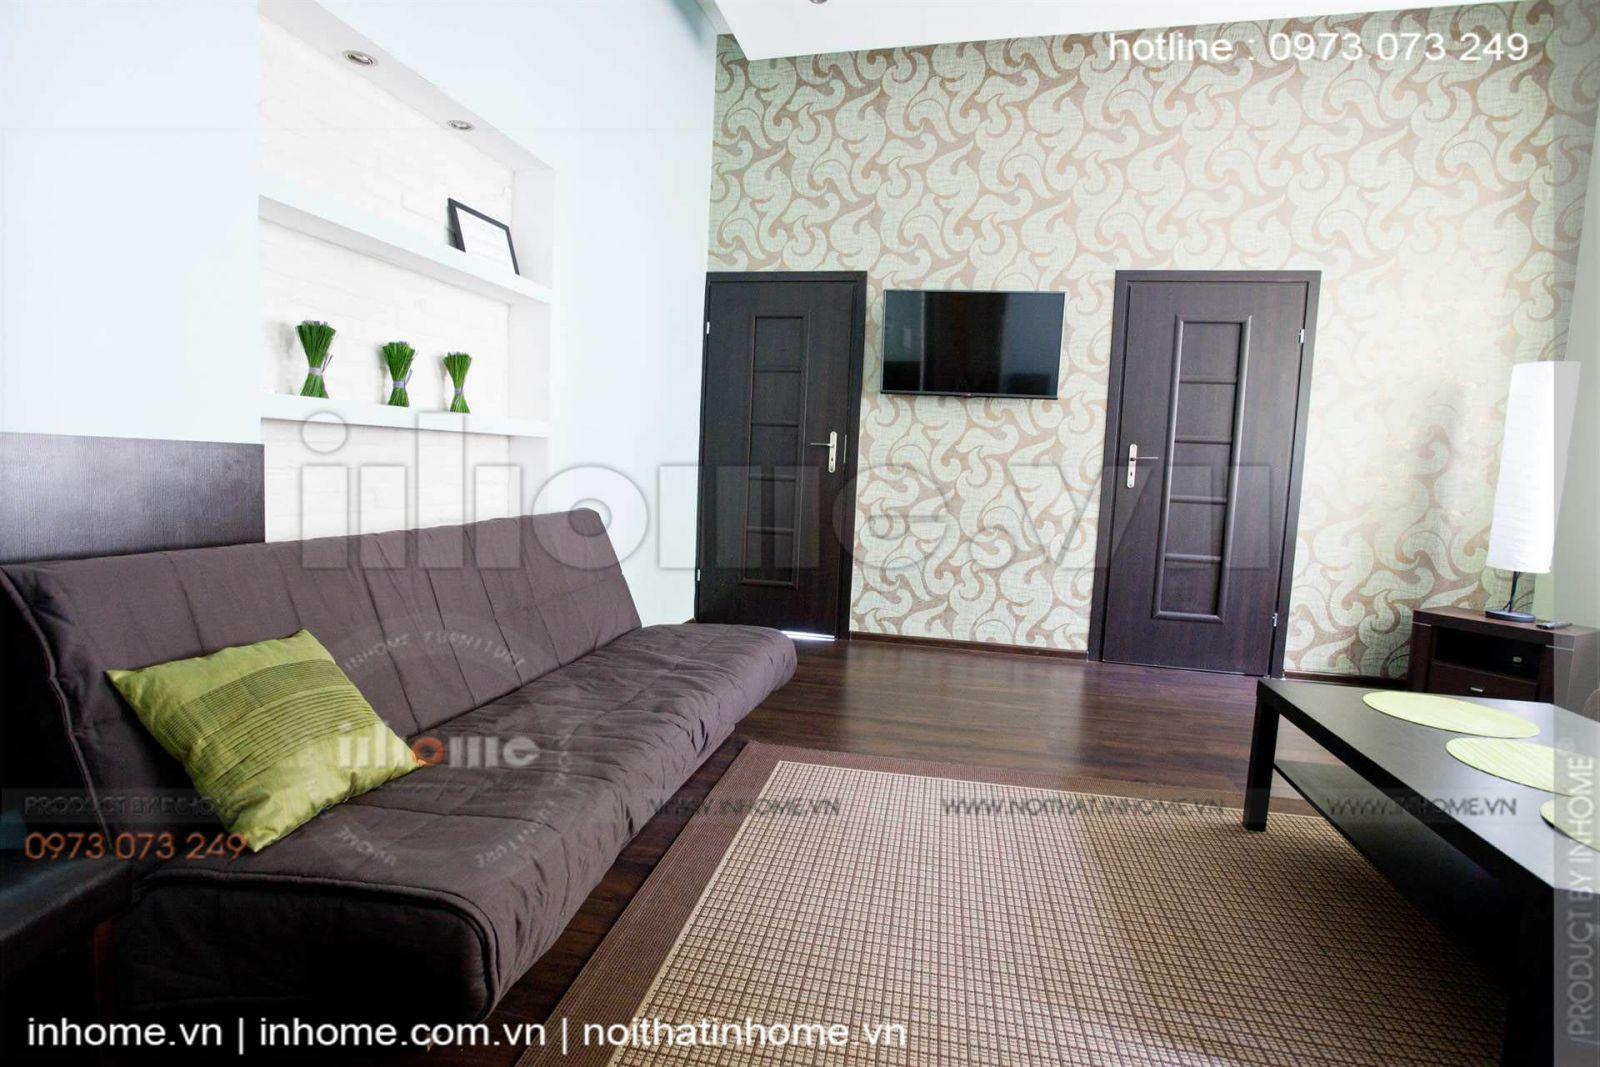 Thiết kế căn hộ 60m2 2 phòng ngủ 11